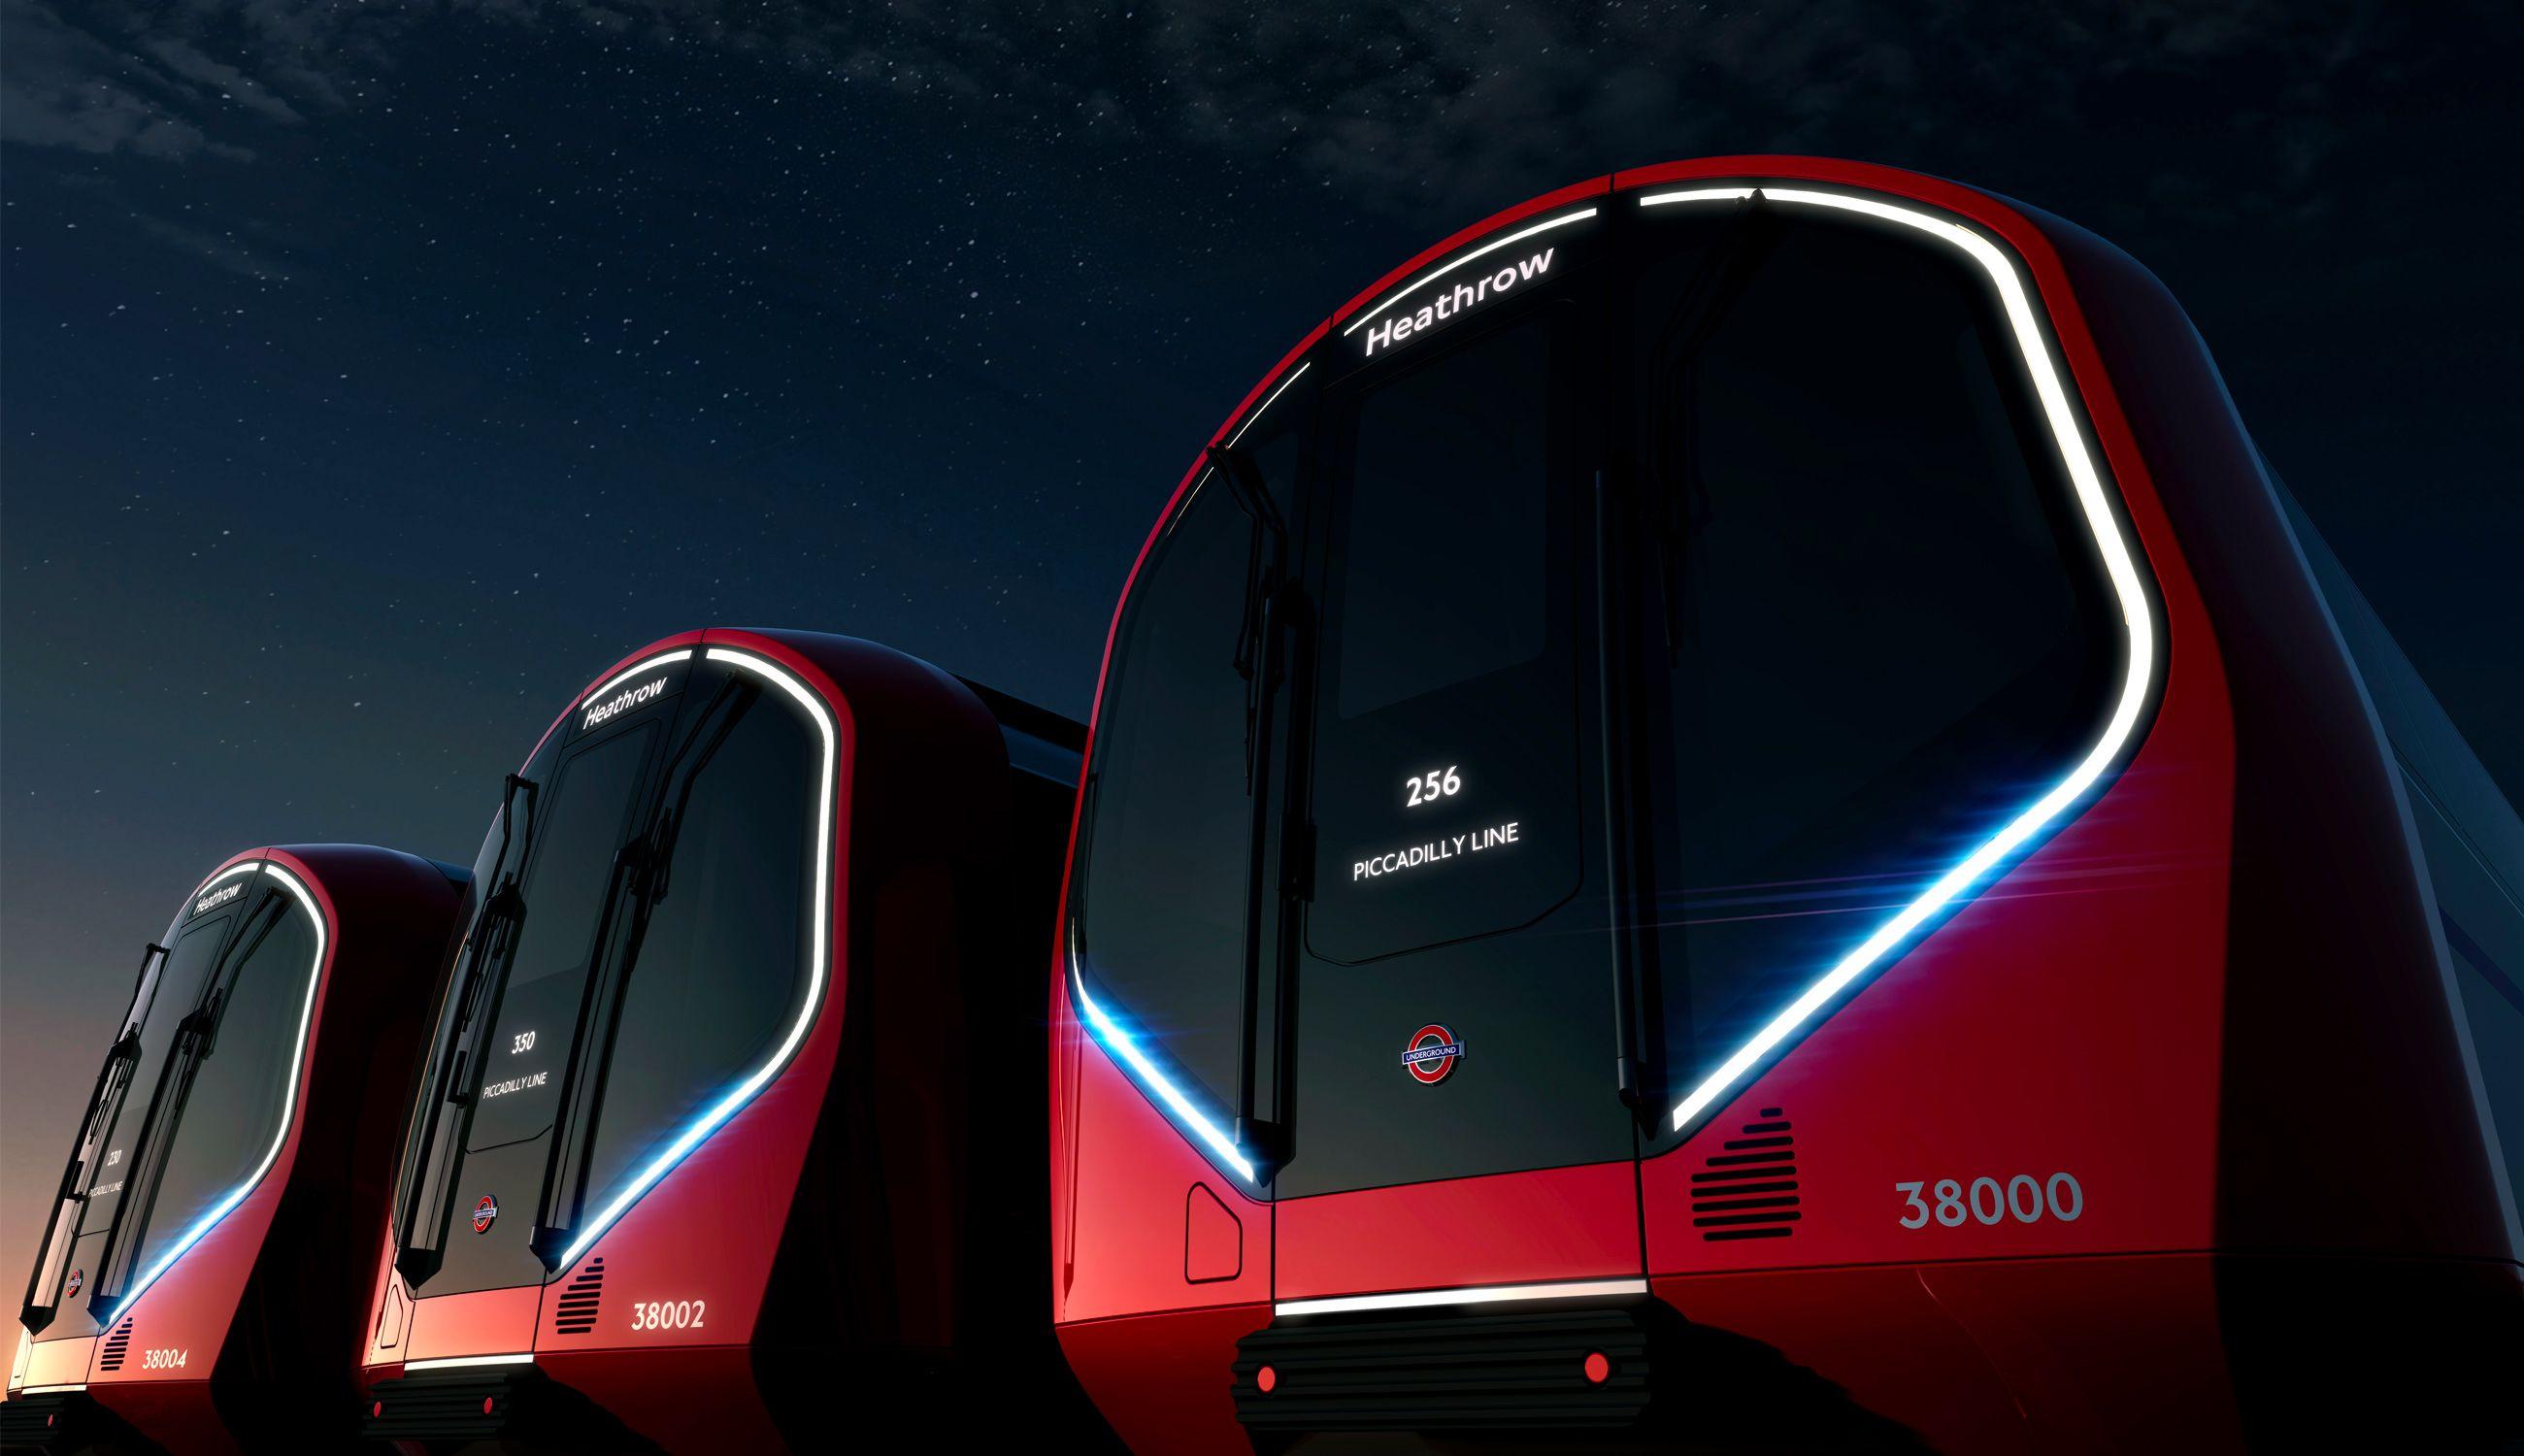 런던의 새로운 지하철 디자인  - 이미지